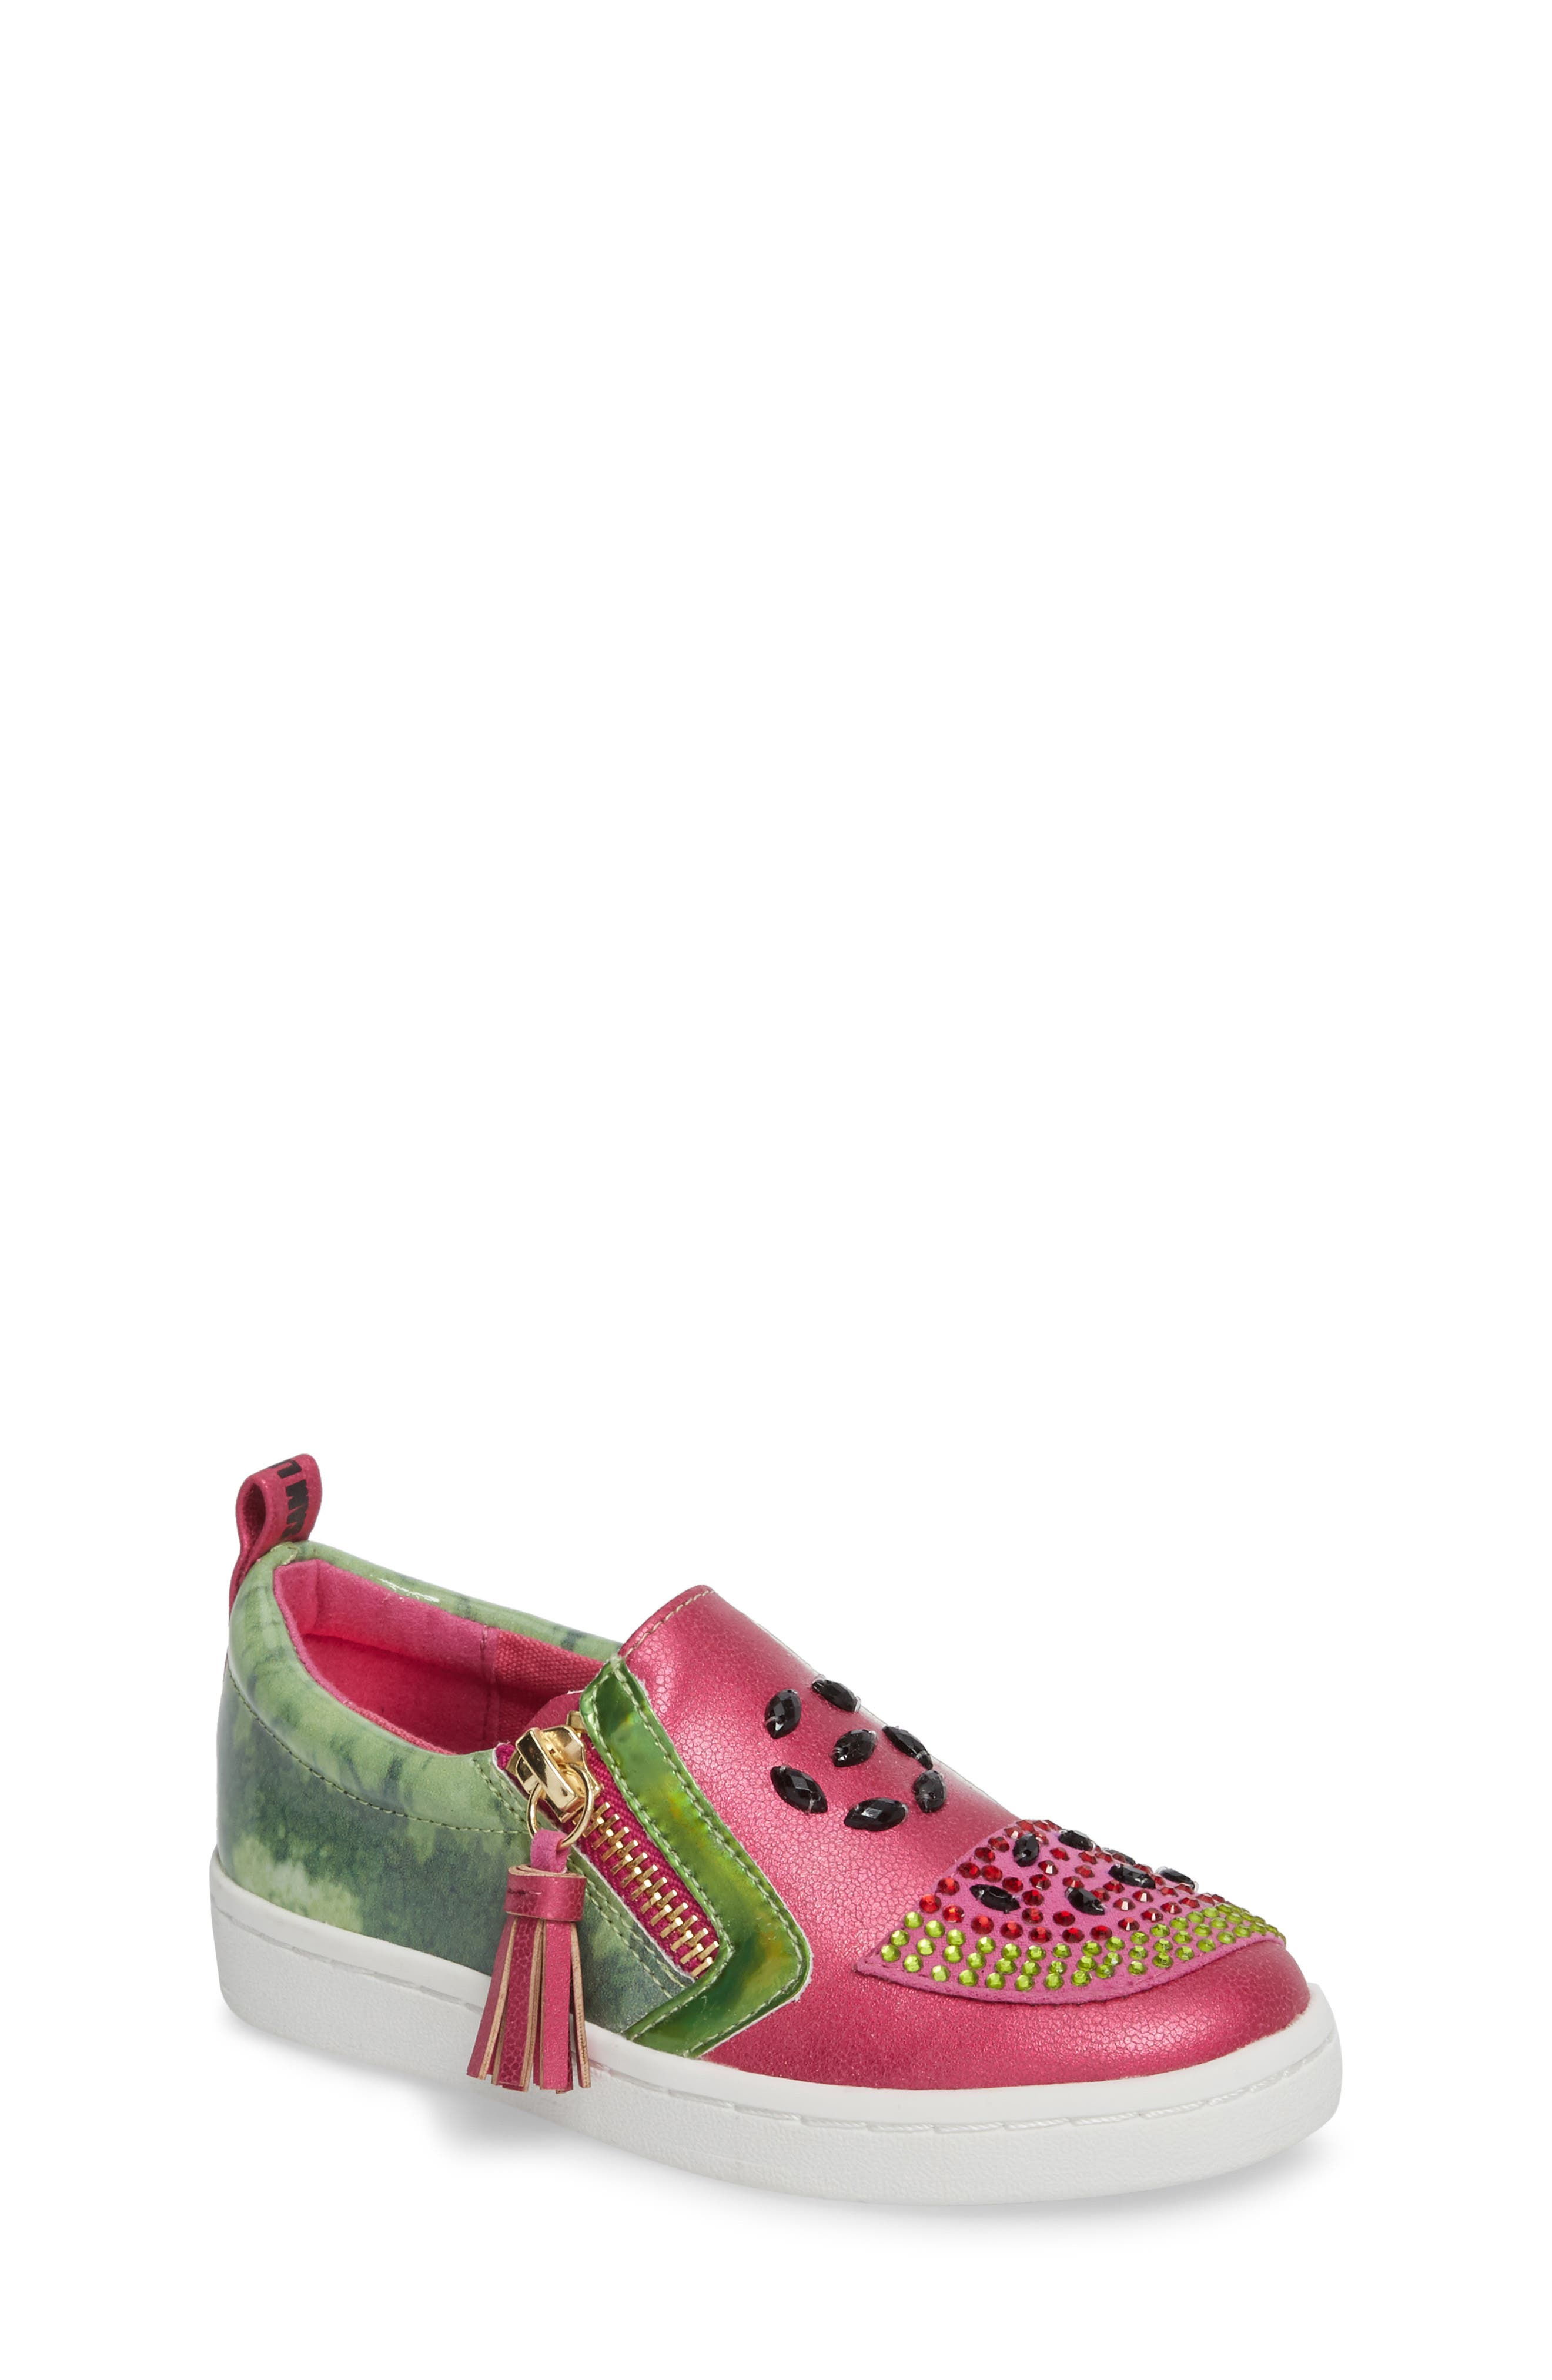 Blane Watermelon Sneaker,                         Main,                         color, Fuchsia Patent Leather